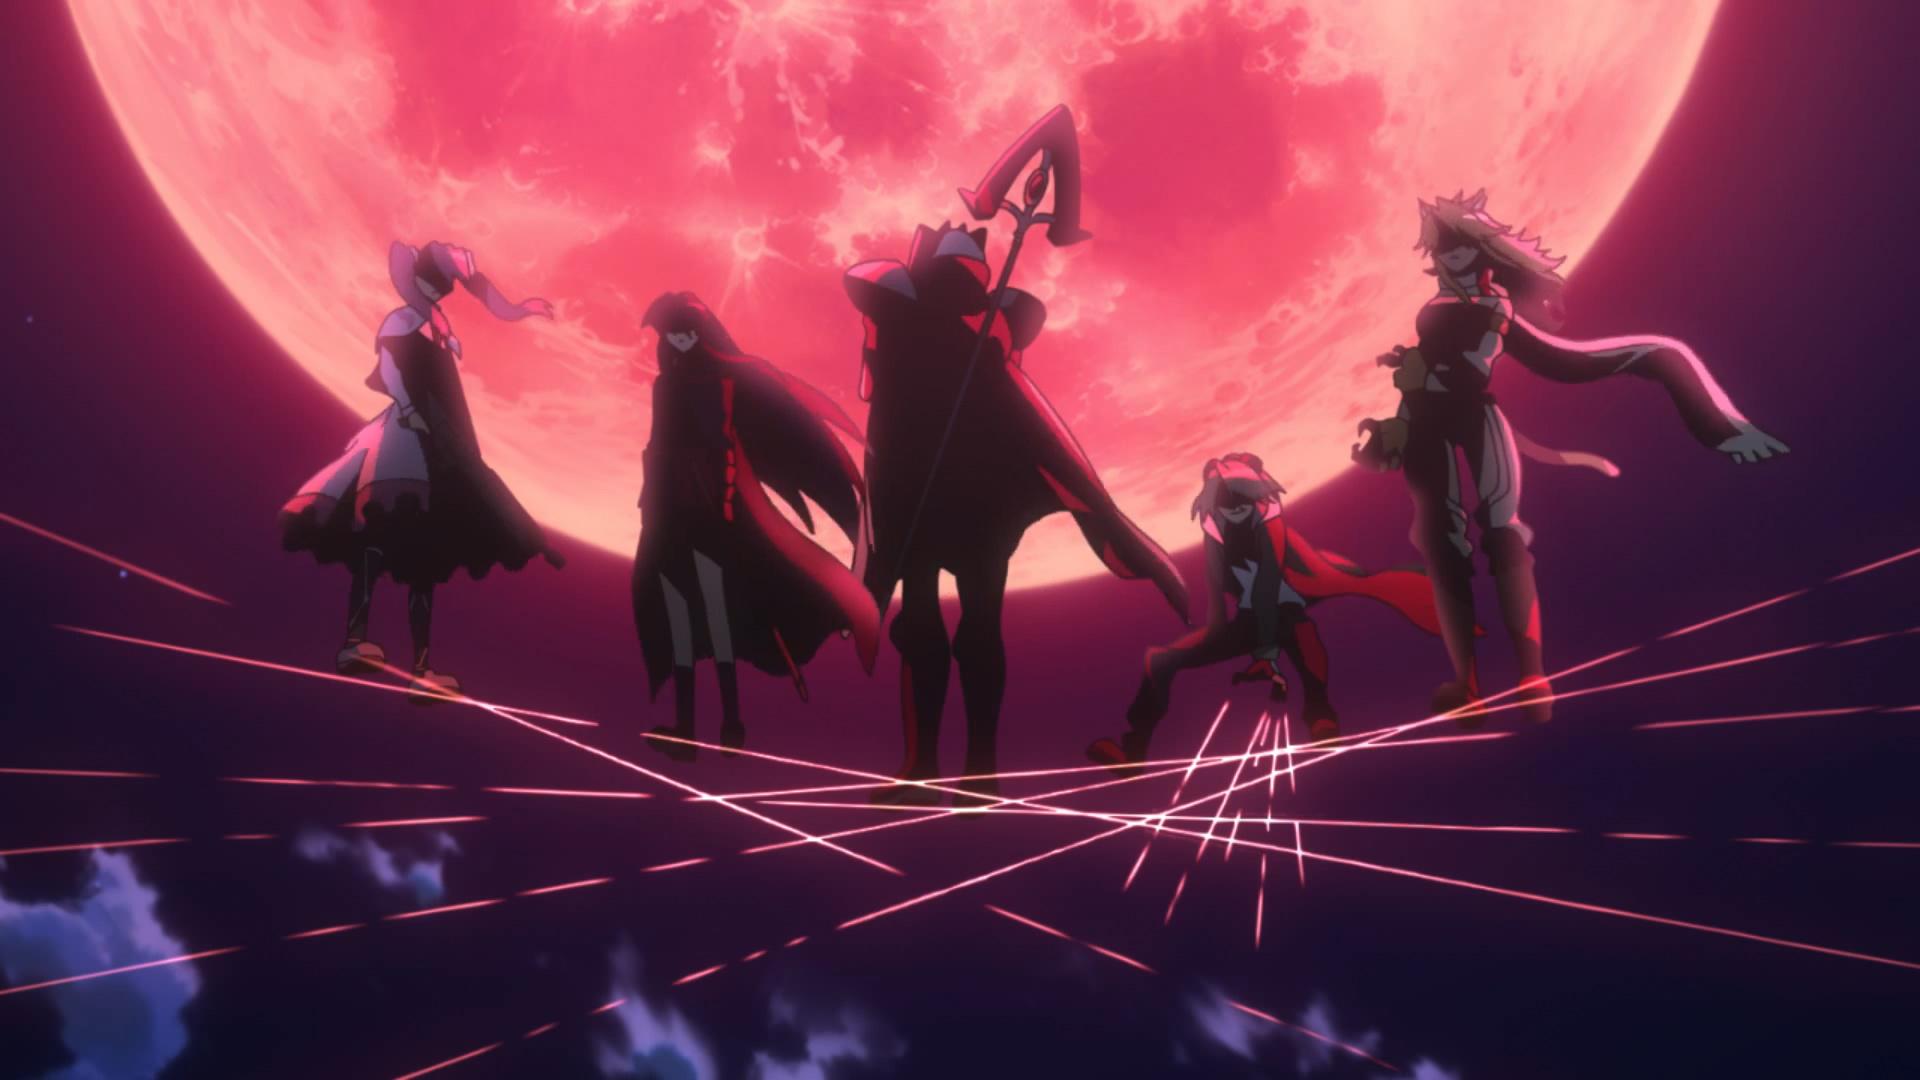 Akame Ga Kill Episodes Anime Tv 2014